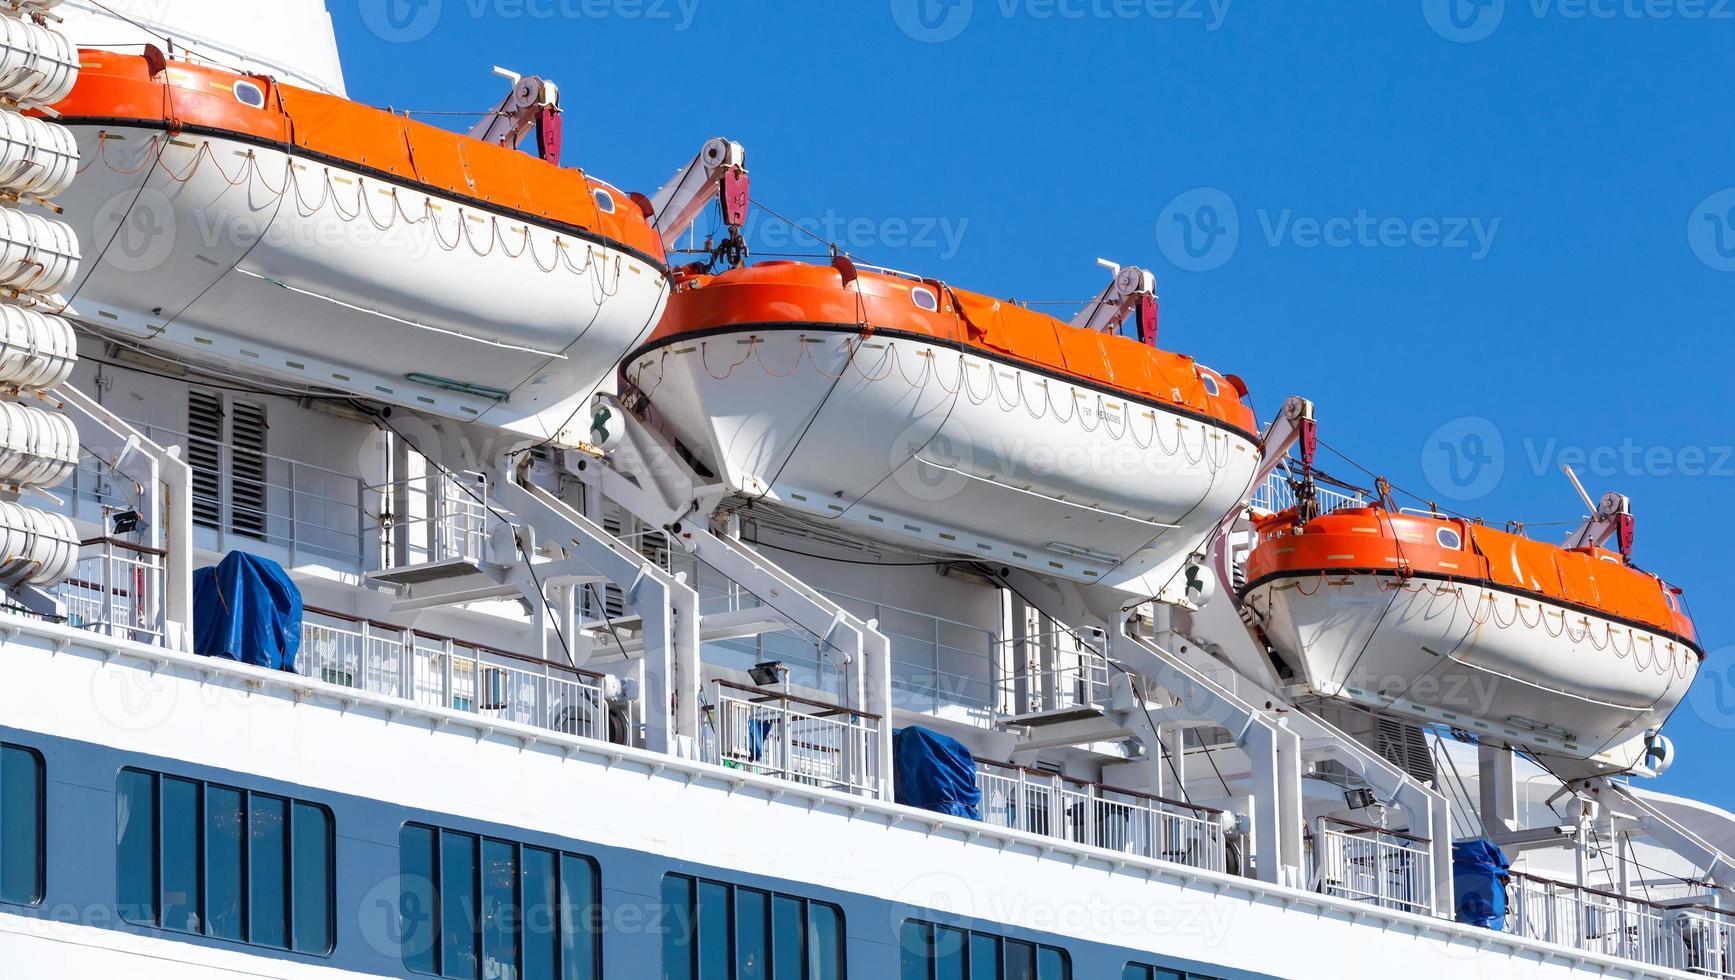 barcos de resgate em grande navio de passageiros foto